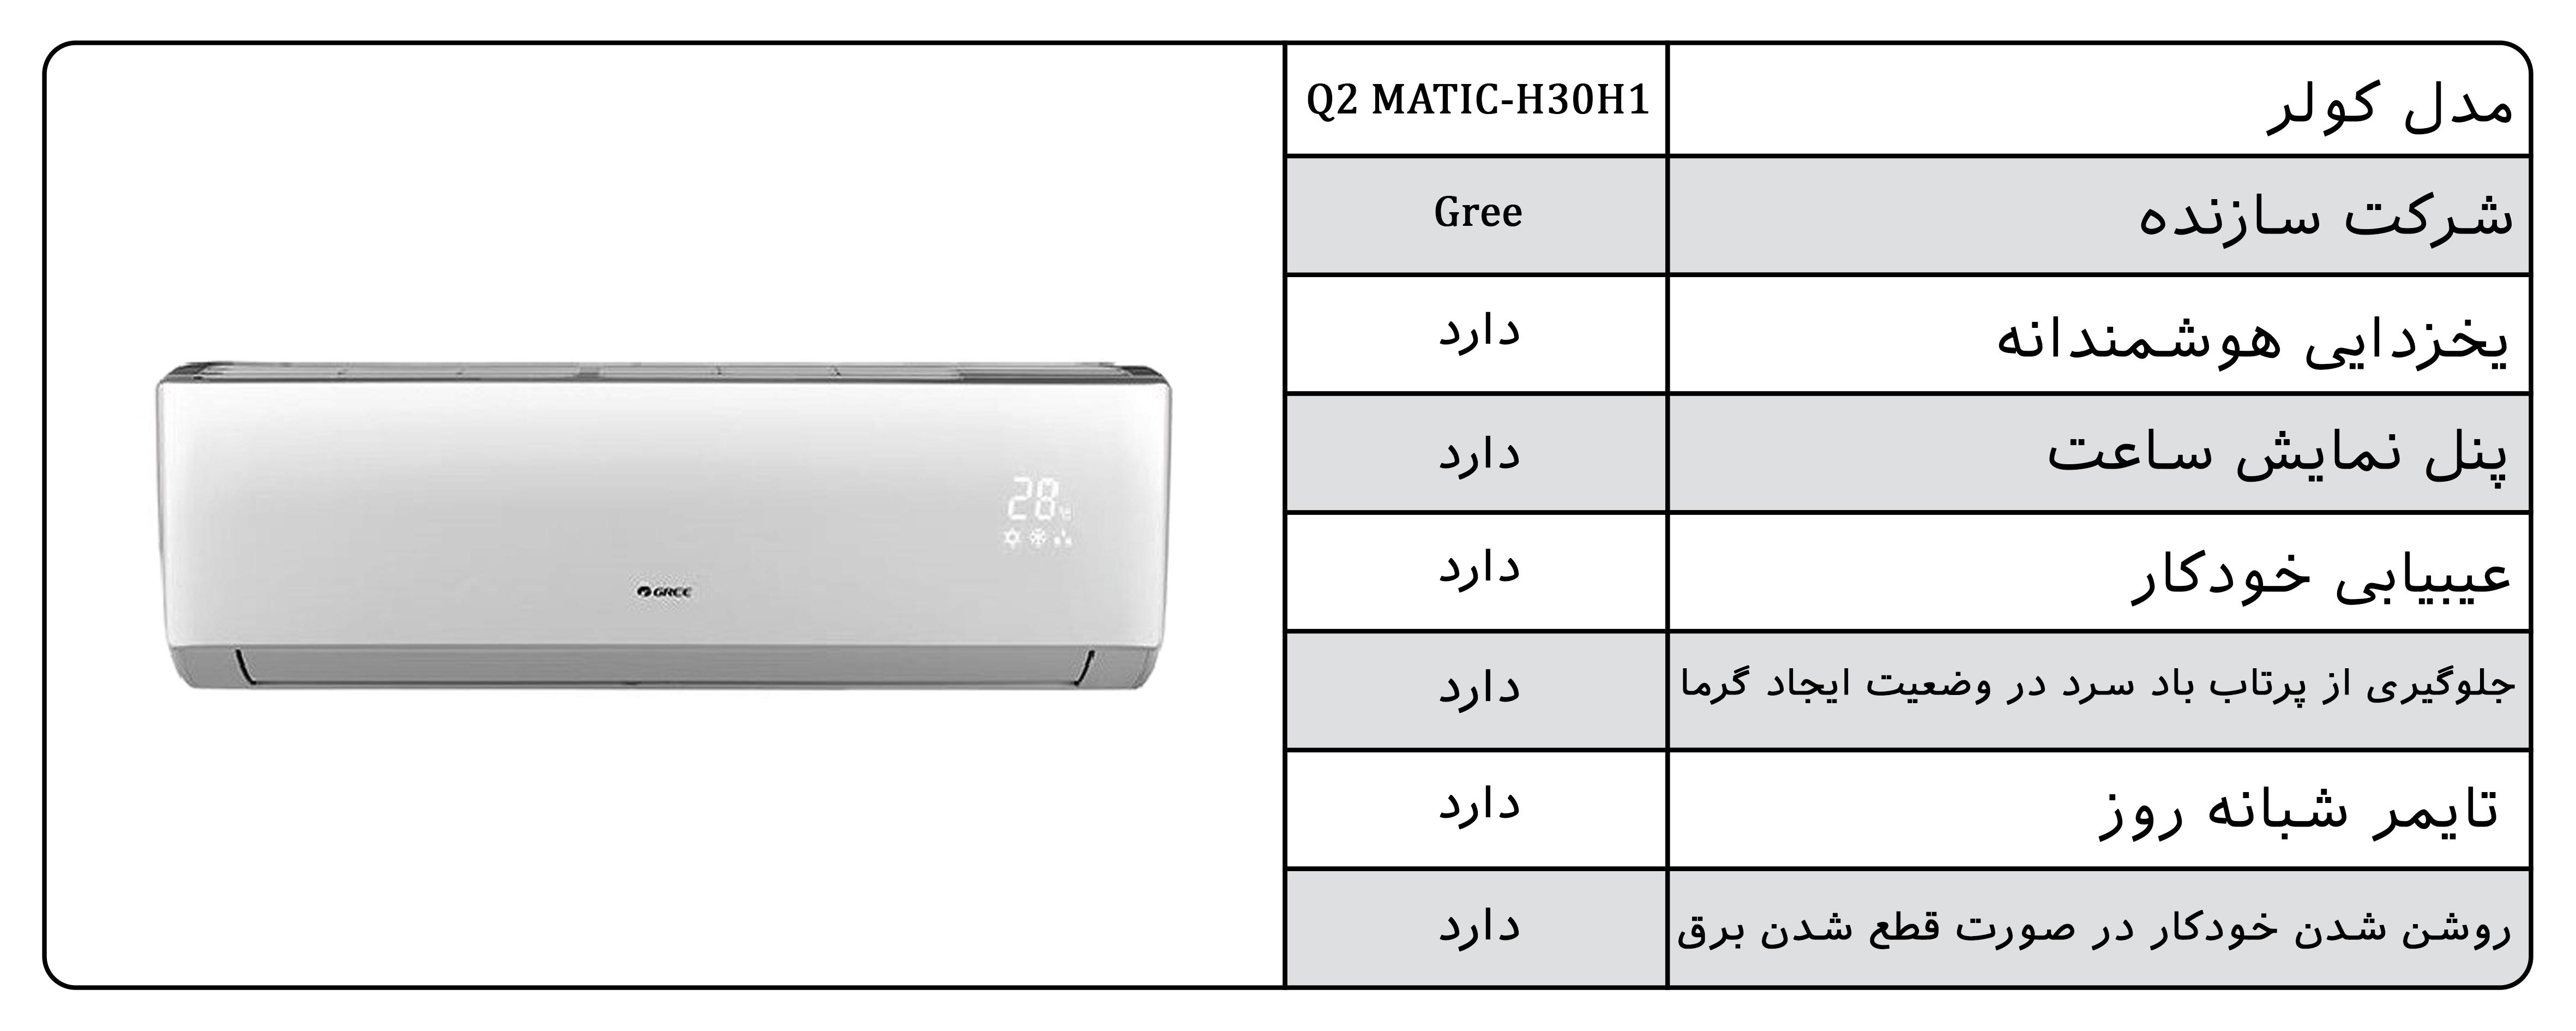 کولر گازی گری q2matic-h30h1